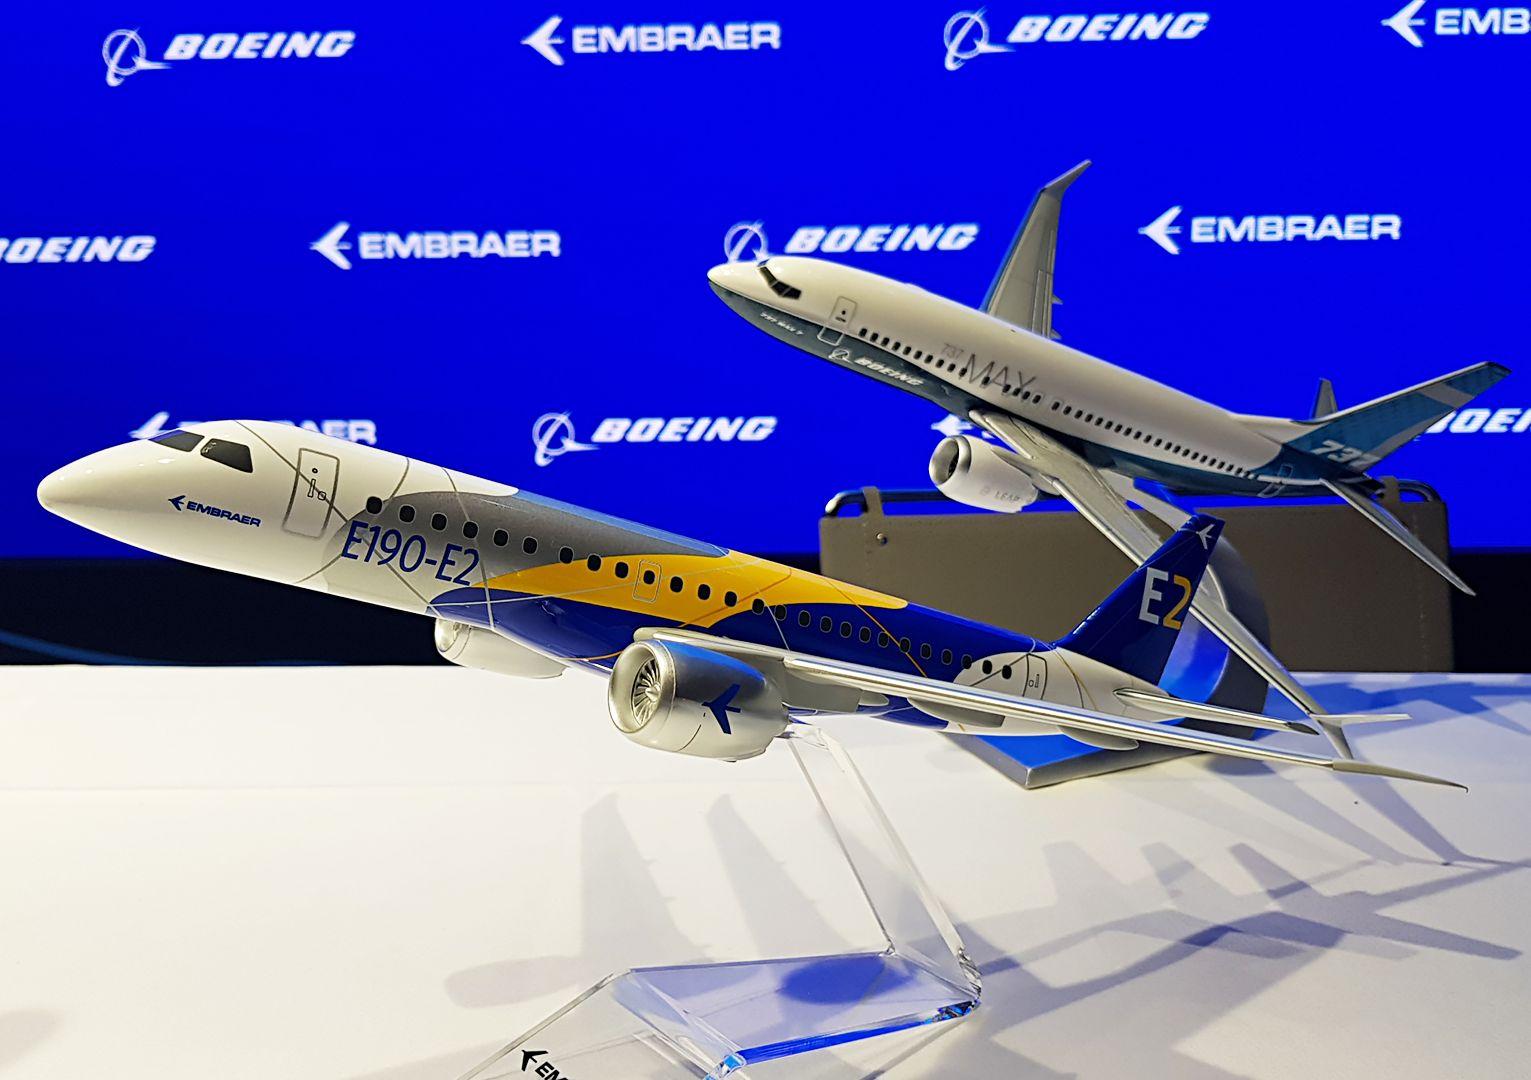 Boeing nakonec Embraery vyrábět nebude, od plánu ustoupil